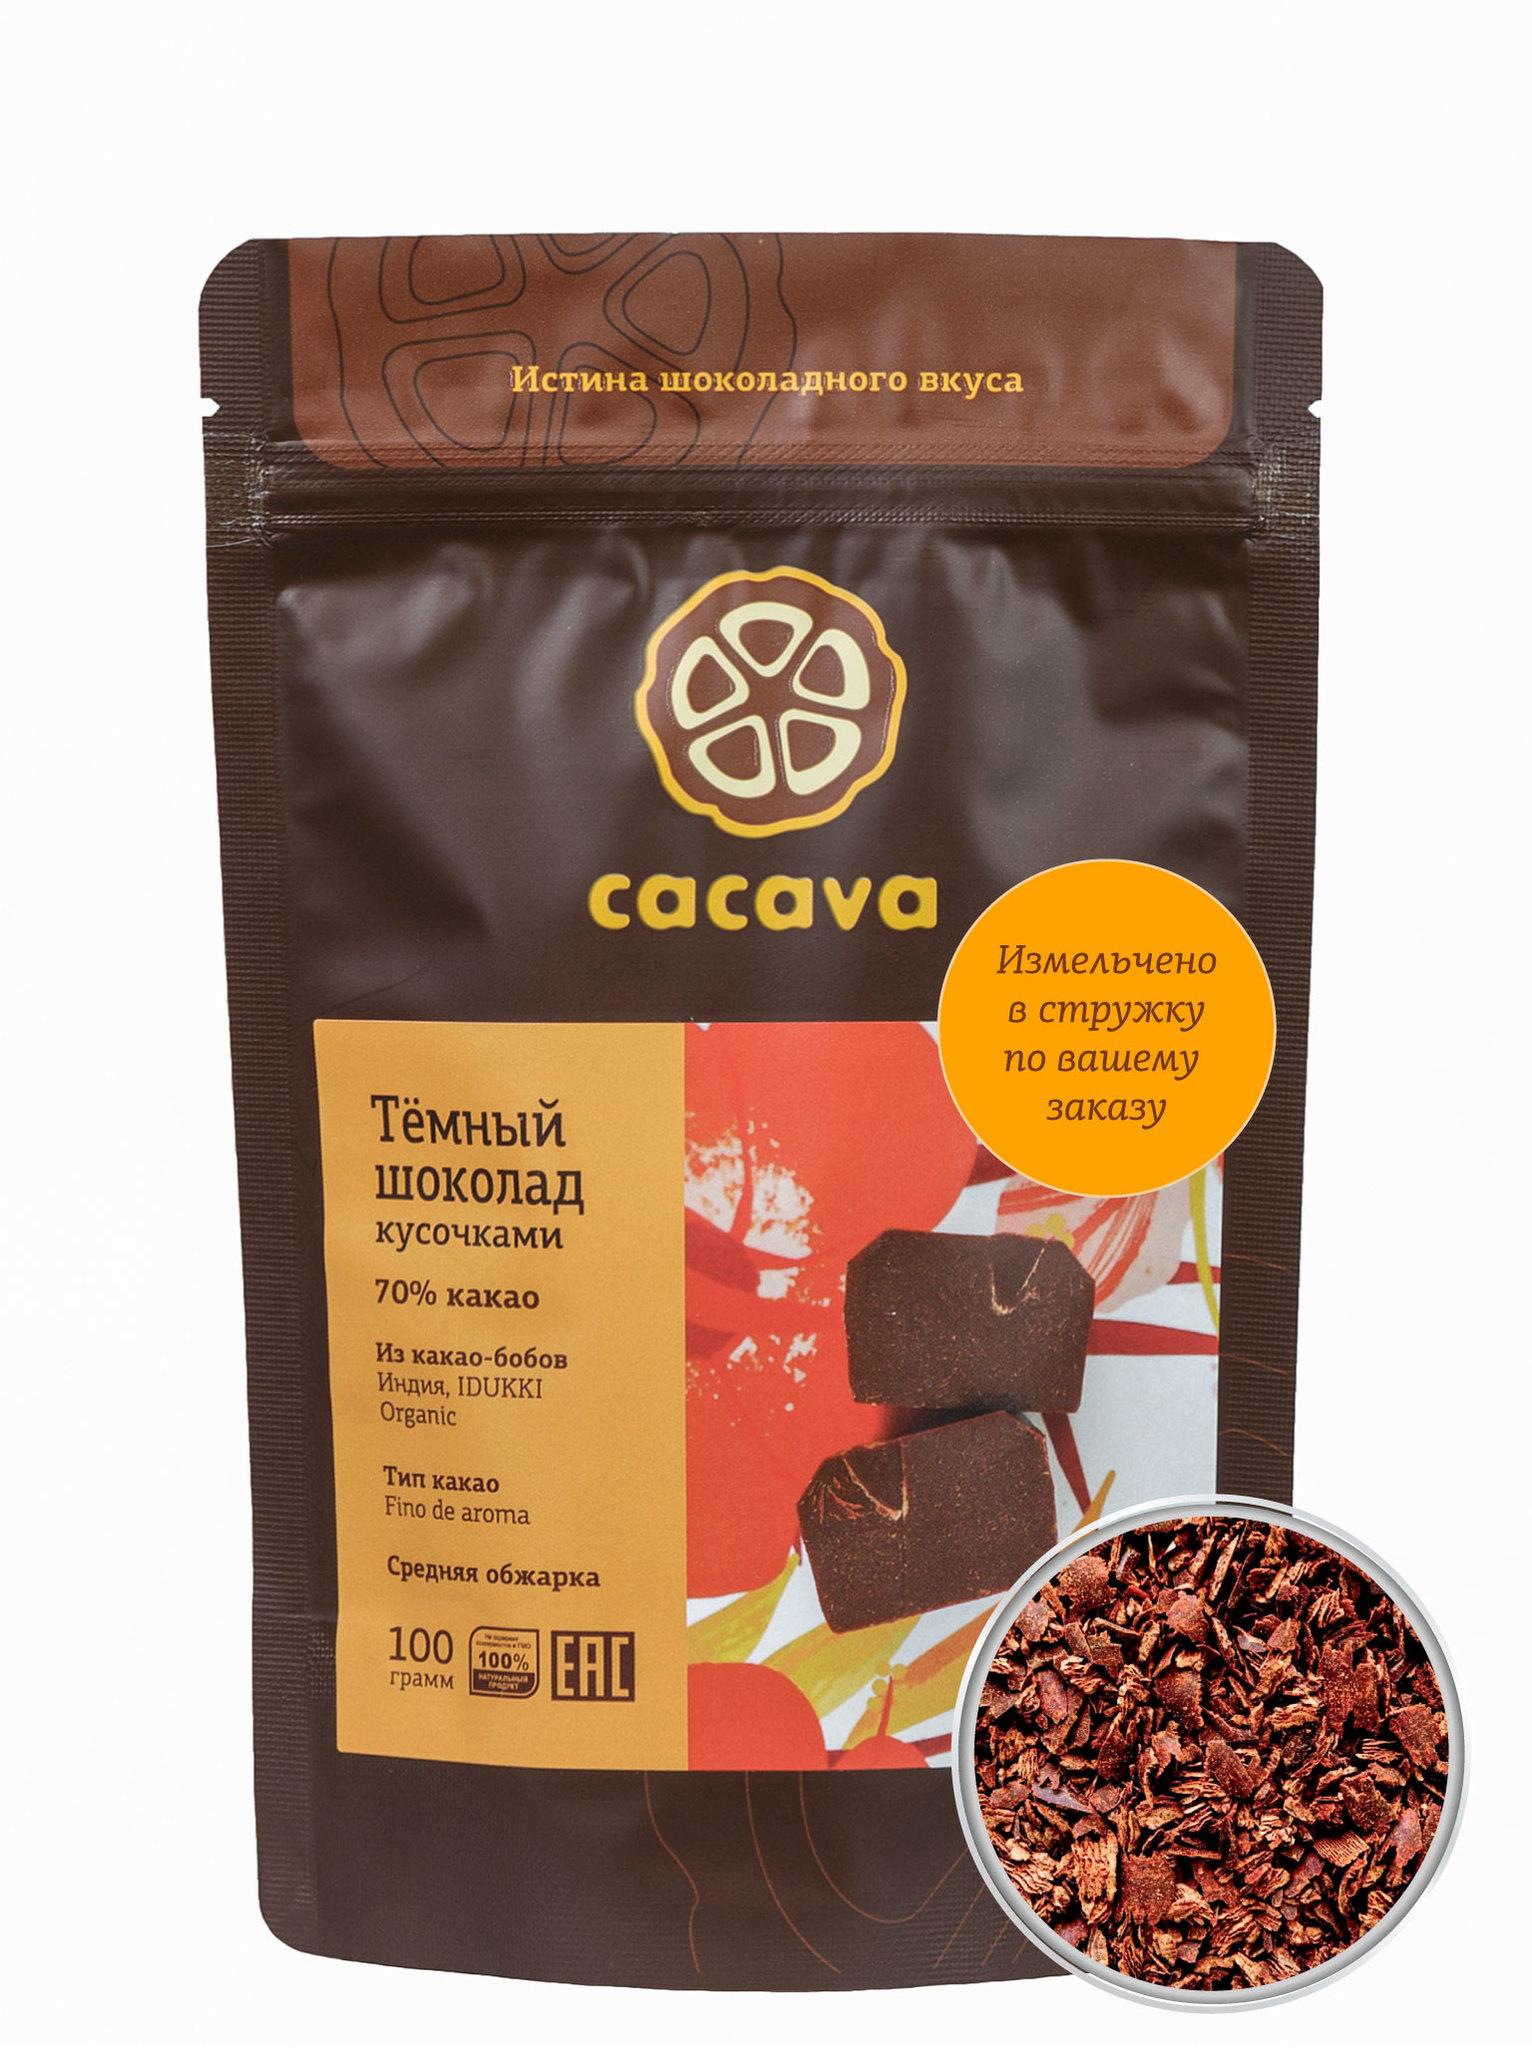 Тёмный шоколад 70 % какао в стружке (Индия, IDUKKI), упаковка 100 грамм